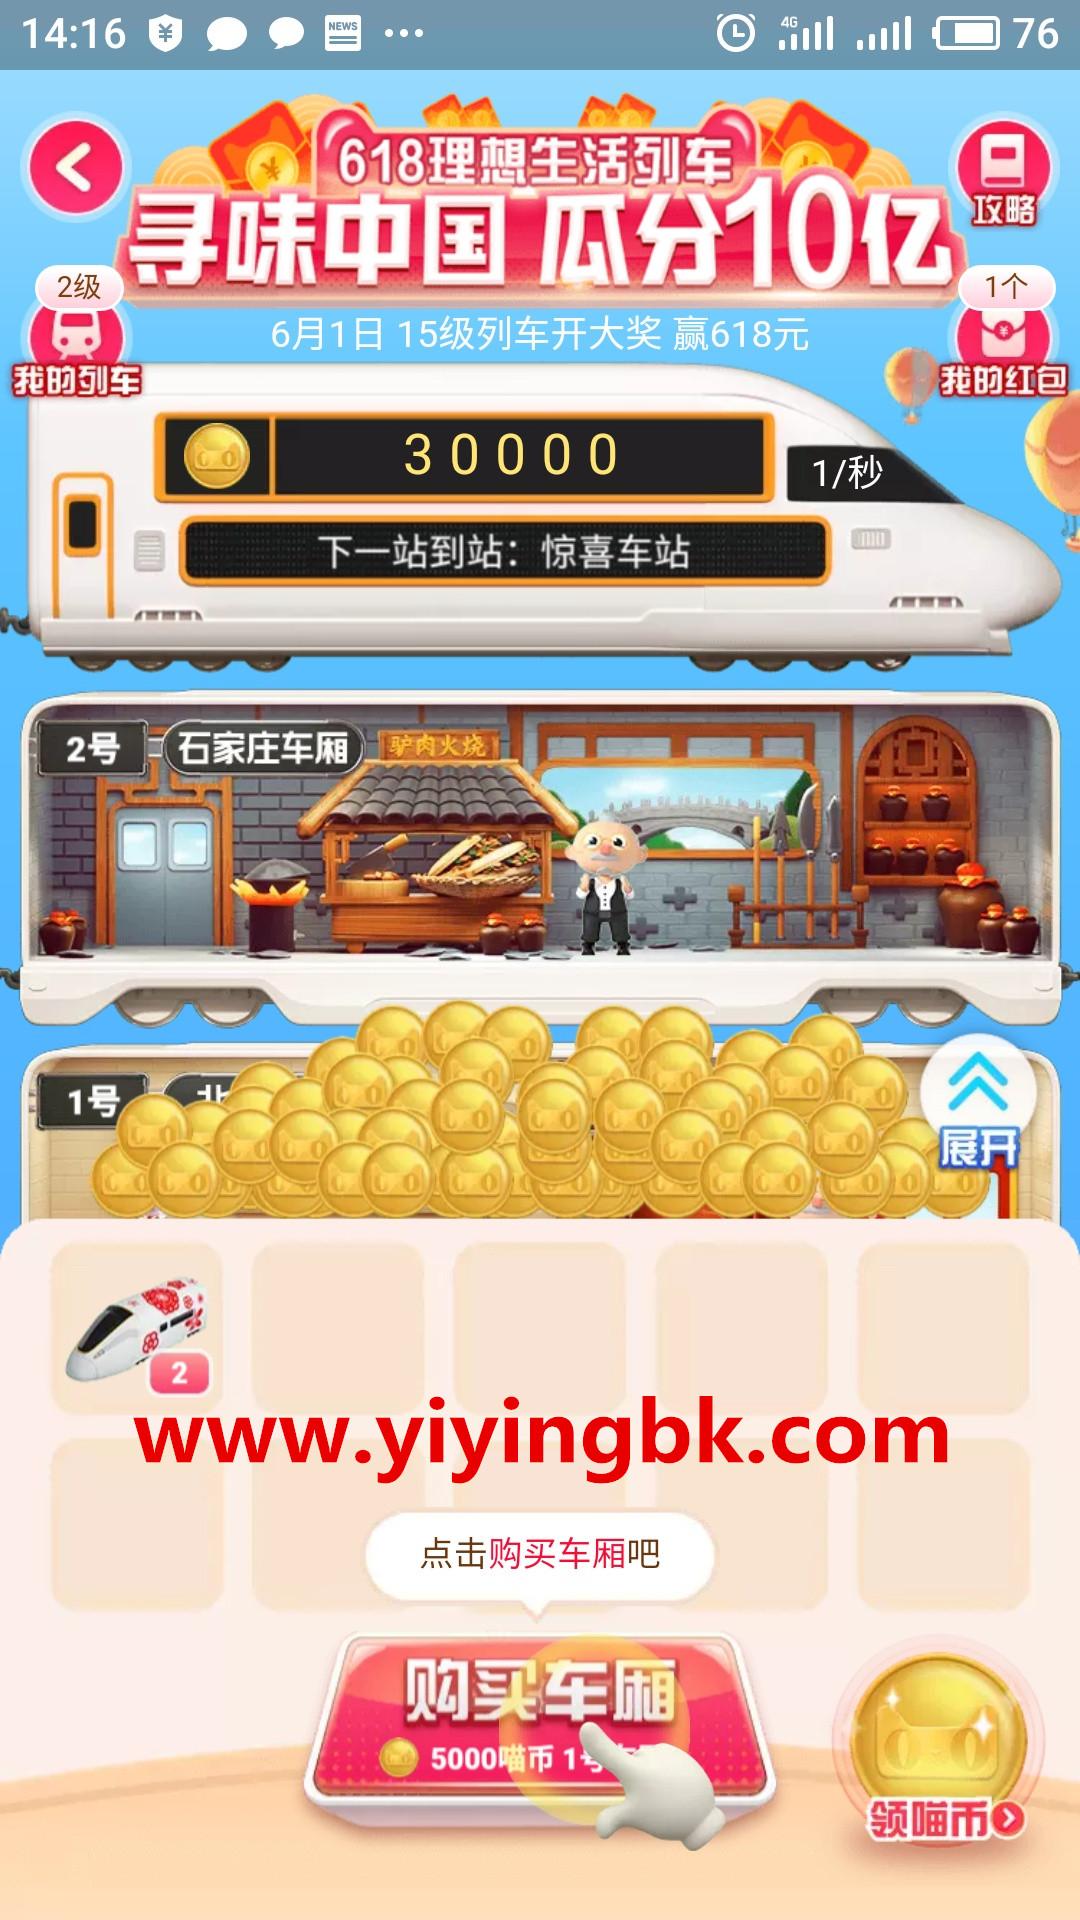 618理想生活列车,寻味中国,瓜分10亿红包活动主页。www.yiyingbk.com